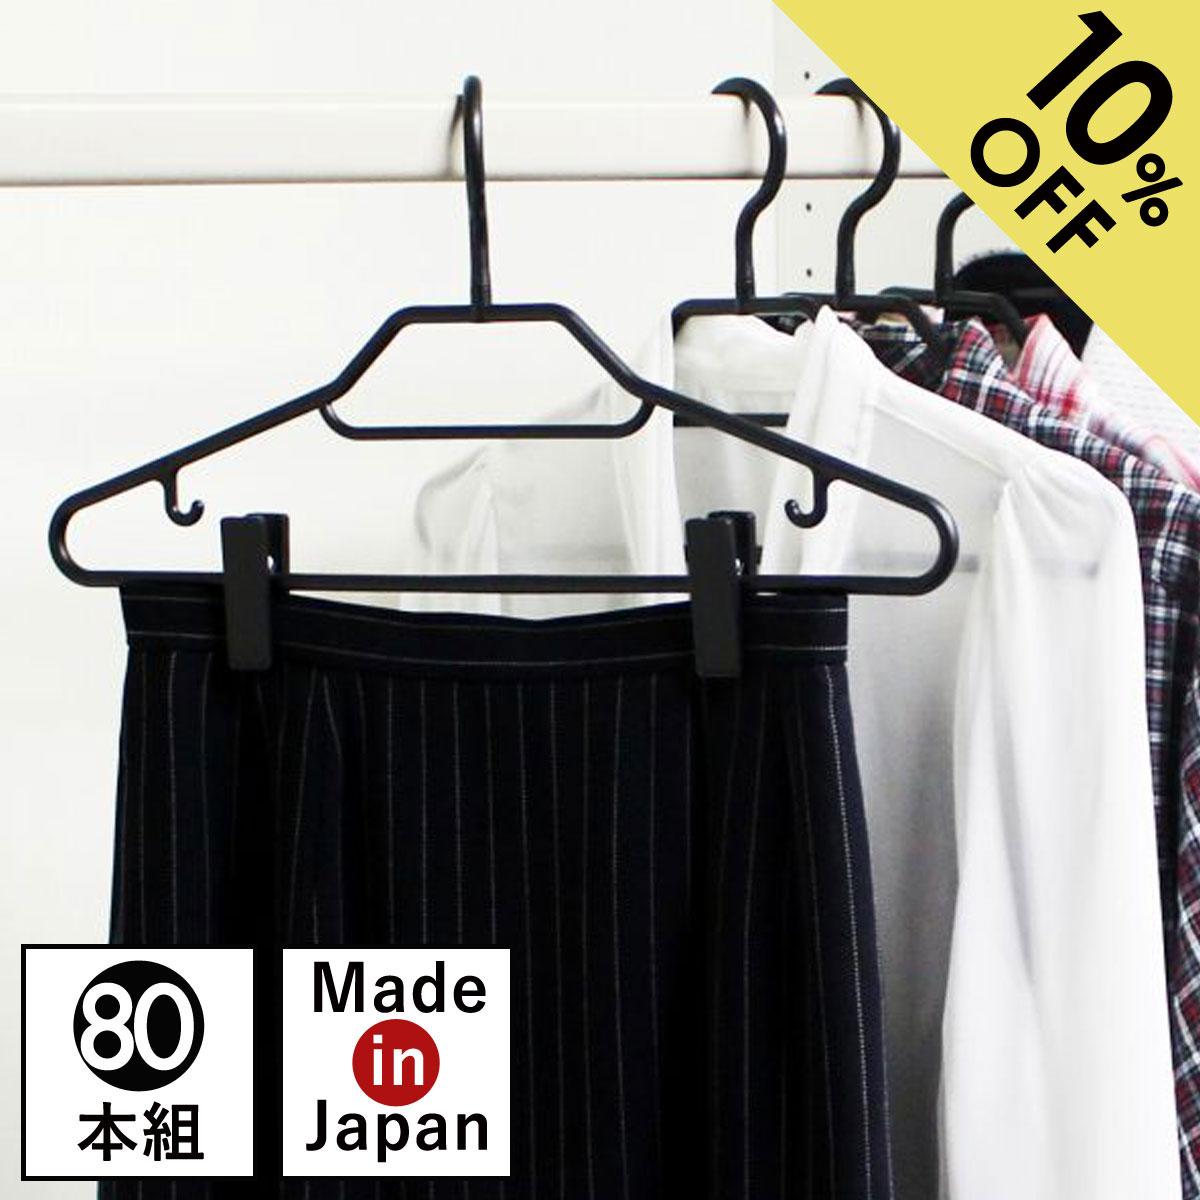 【最大2,000円OFFクーポン】ハンガー すべらない おしゃれ ワイシャツ用 ベストライン シャツハンガー スタイルシャツハンガークリップ付き 80本セット